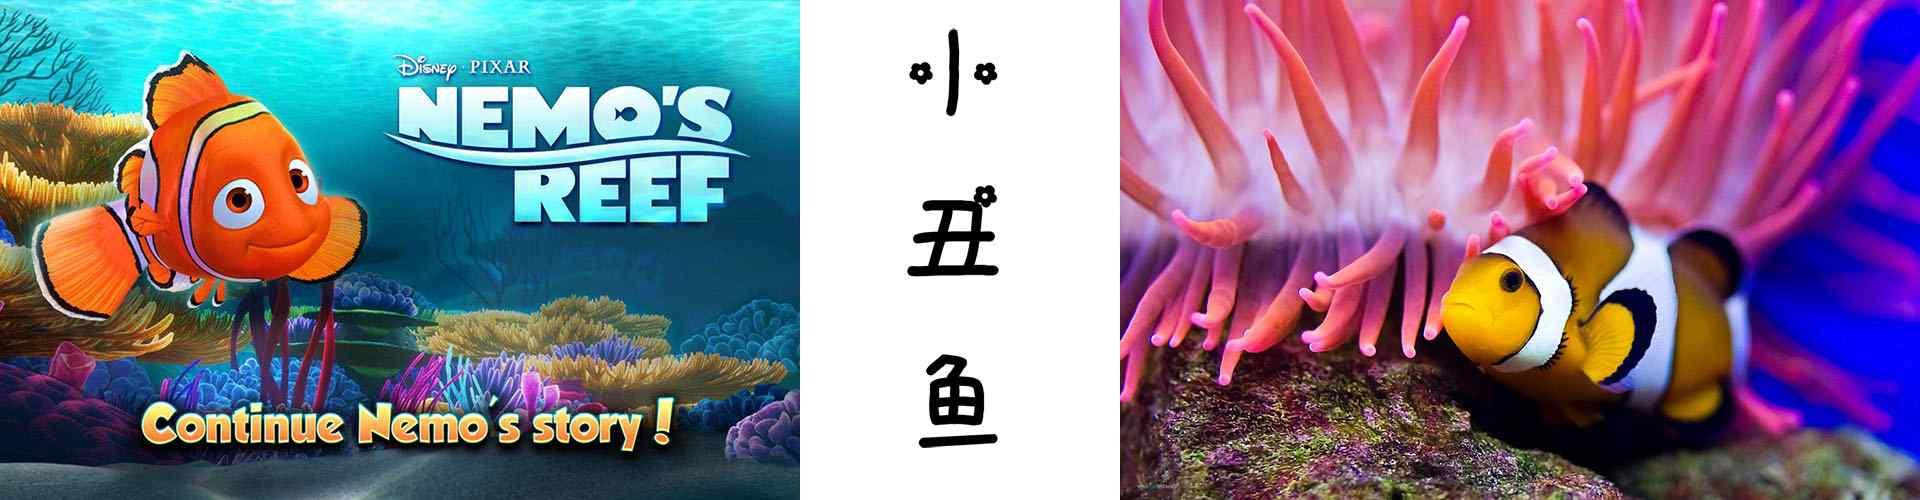 小丑鱼_小丑鱼图片_小丑鱼尼莫图片_小丑鱼桌面壁纸、手机壁纸_动物壁纸